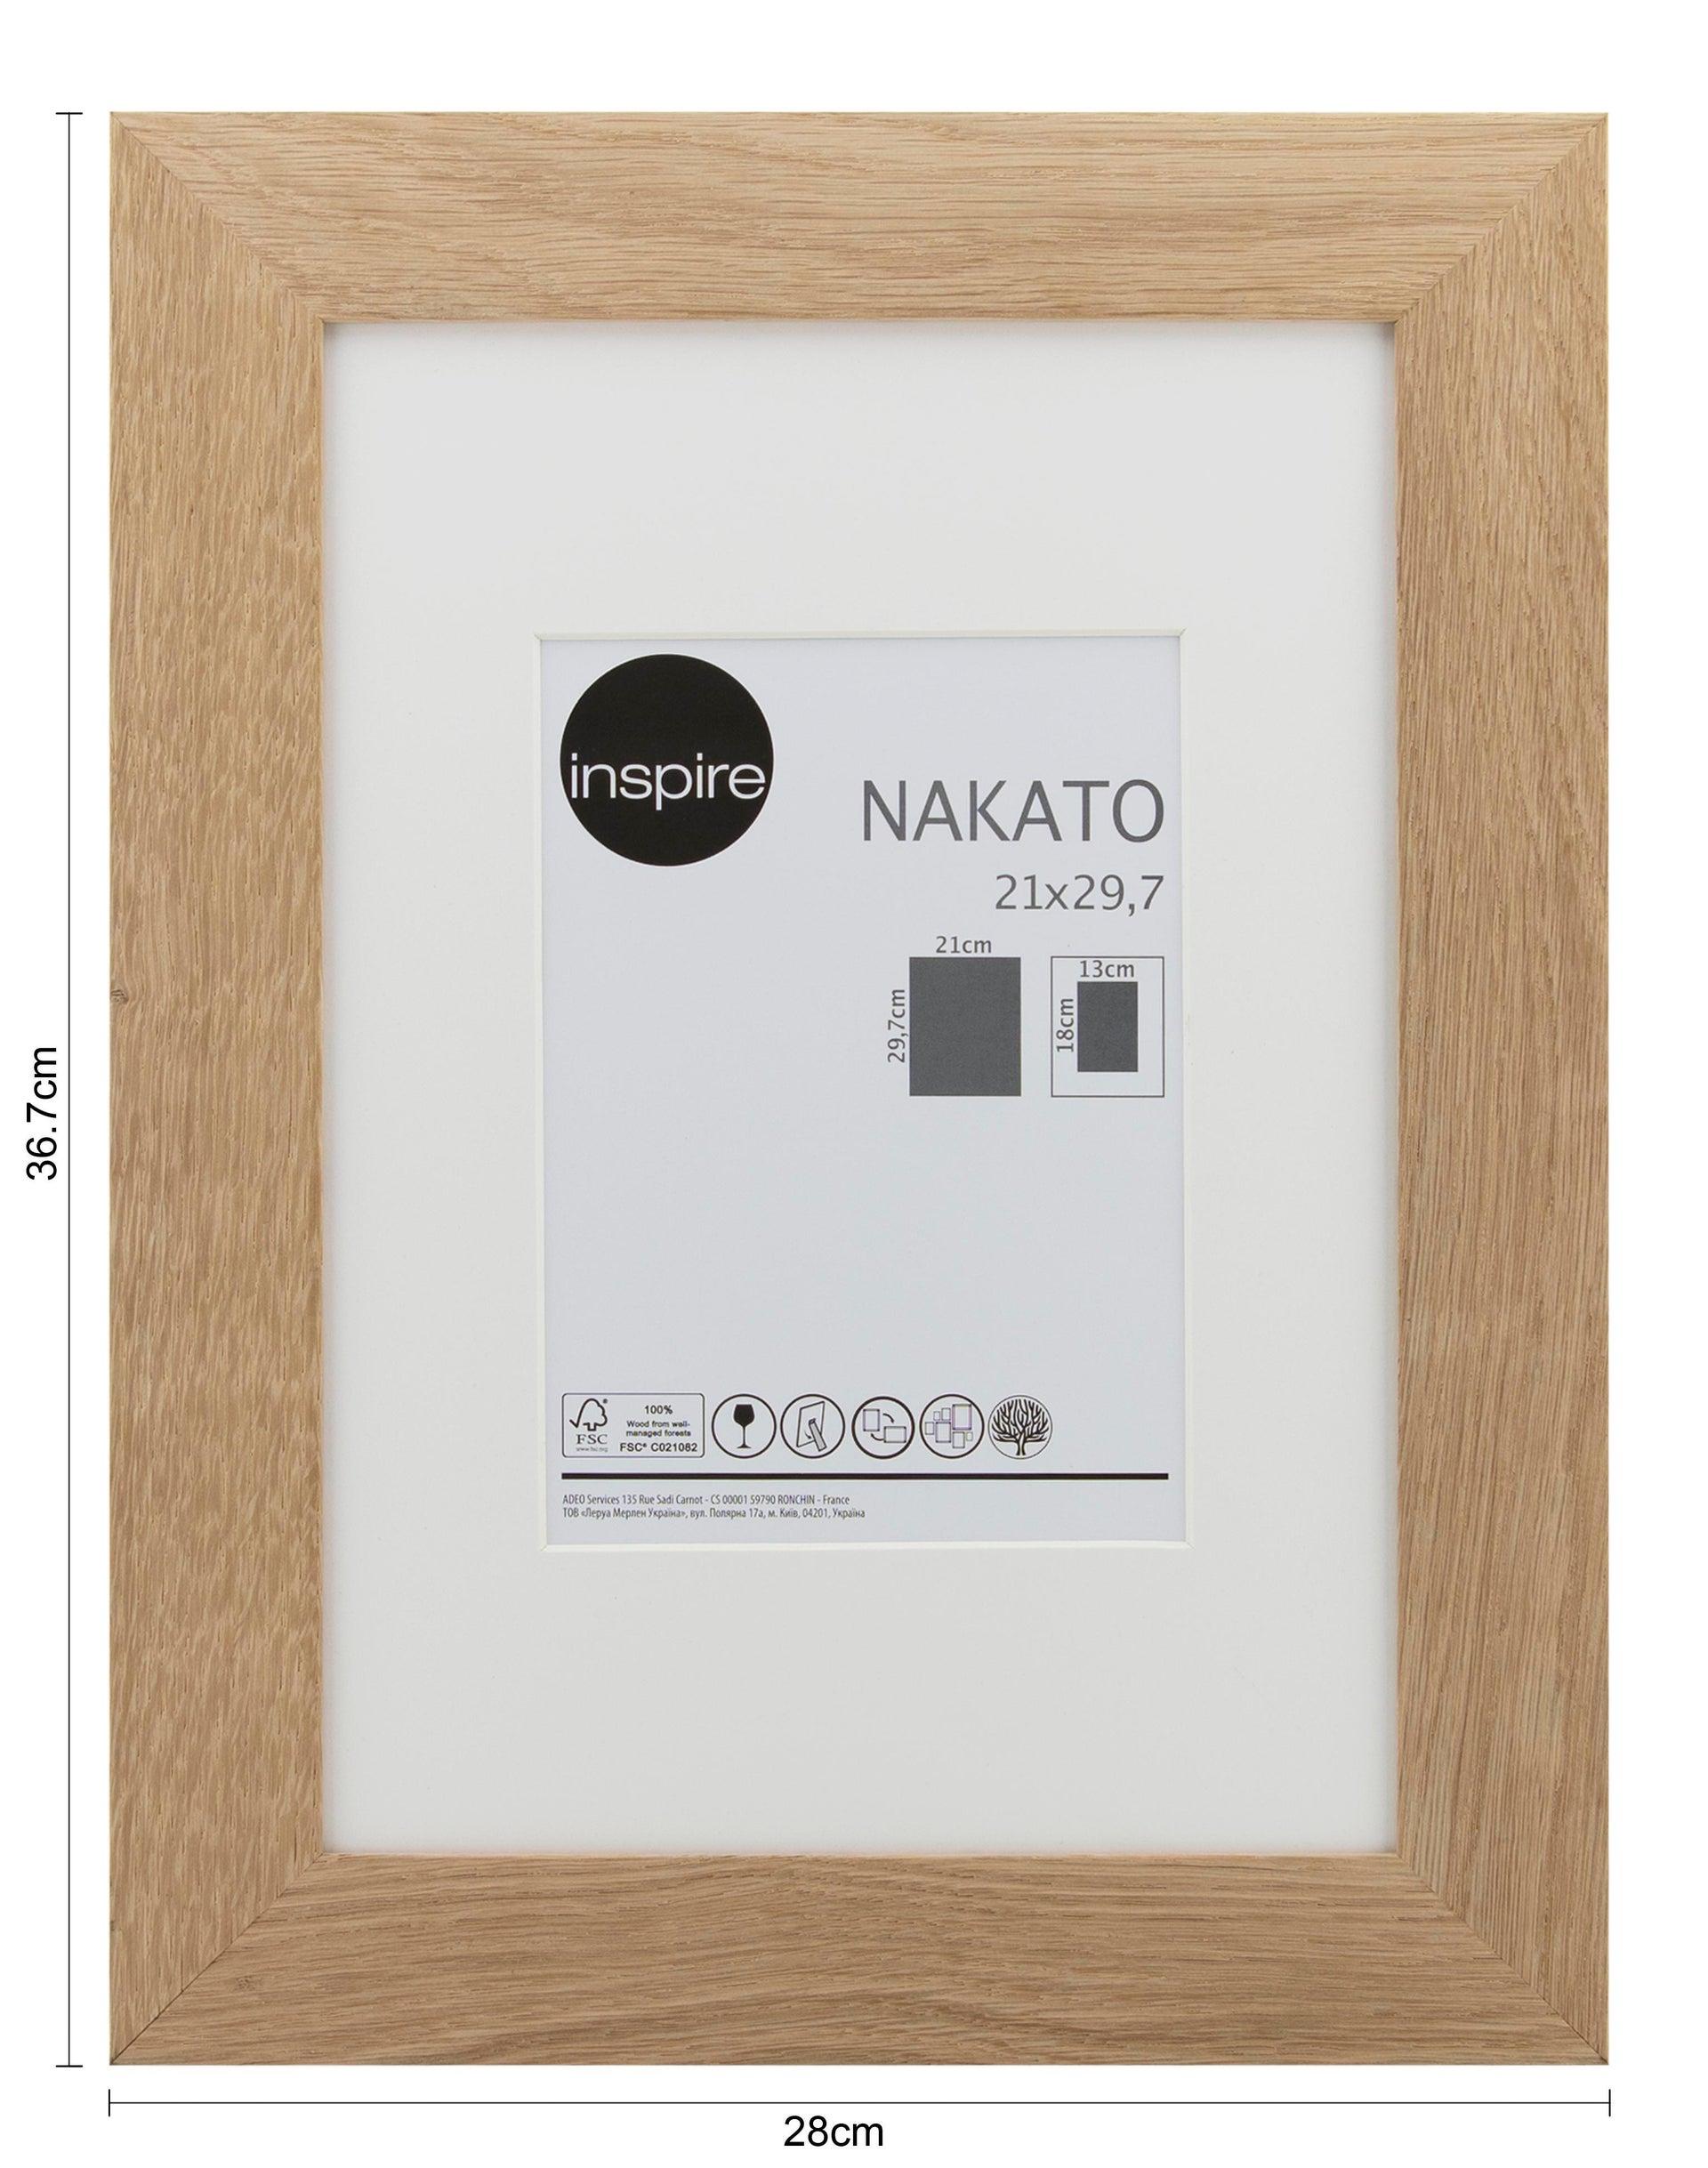 Cornice con passe-partout Inspire nakato rovere 21x29.7 cm - 2